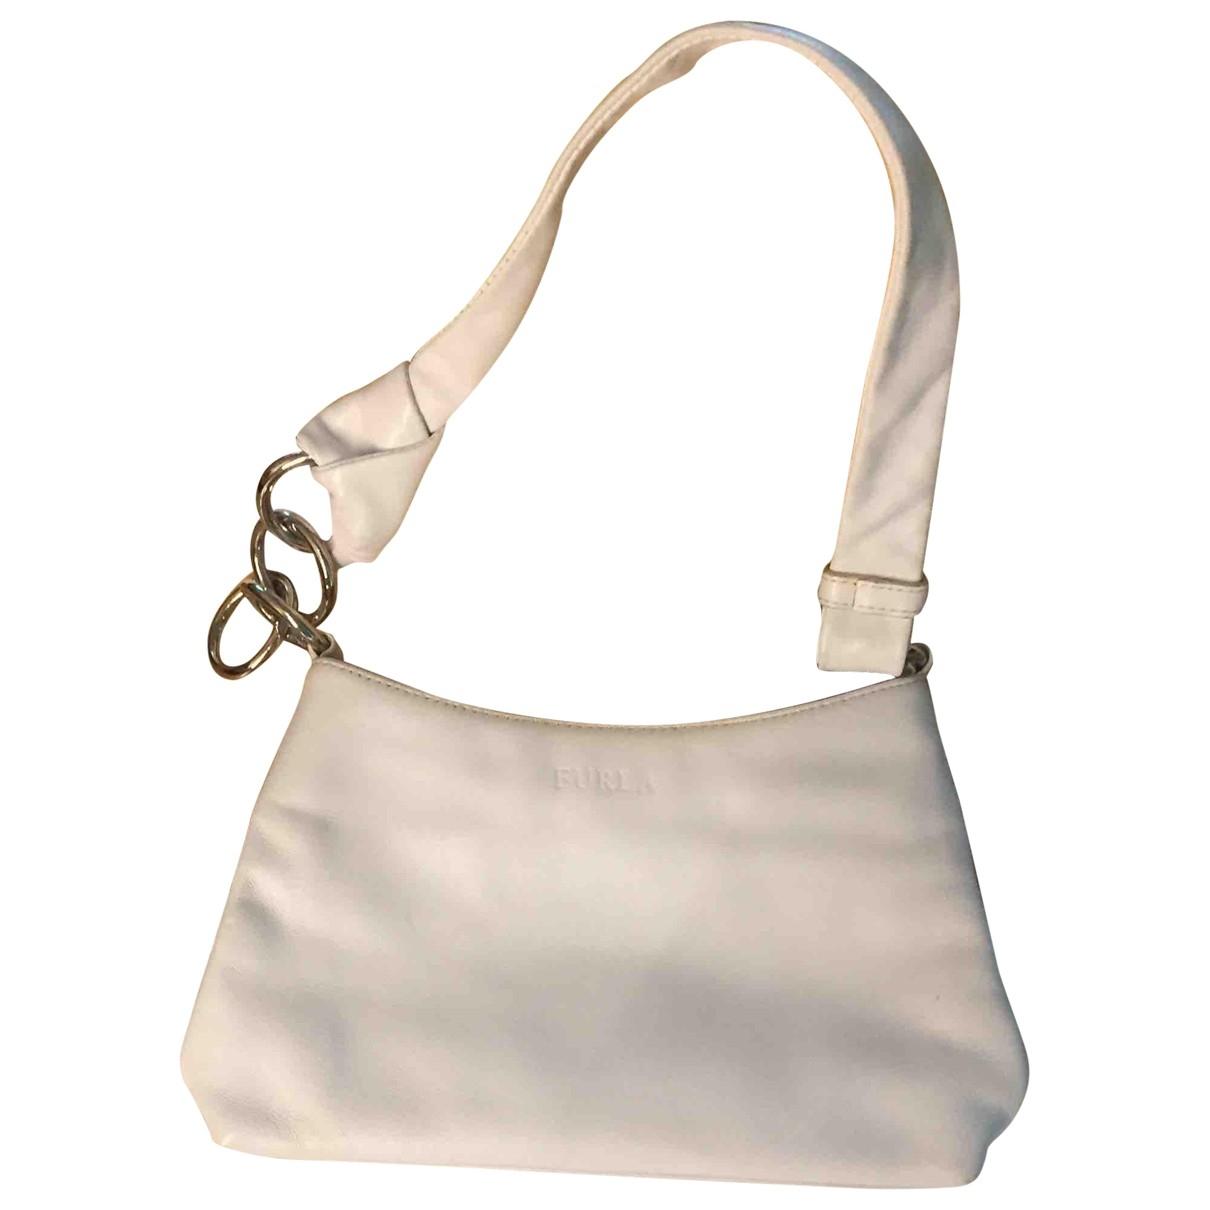 Furla - Sac a main   pour femme en cuir - blanc